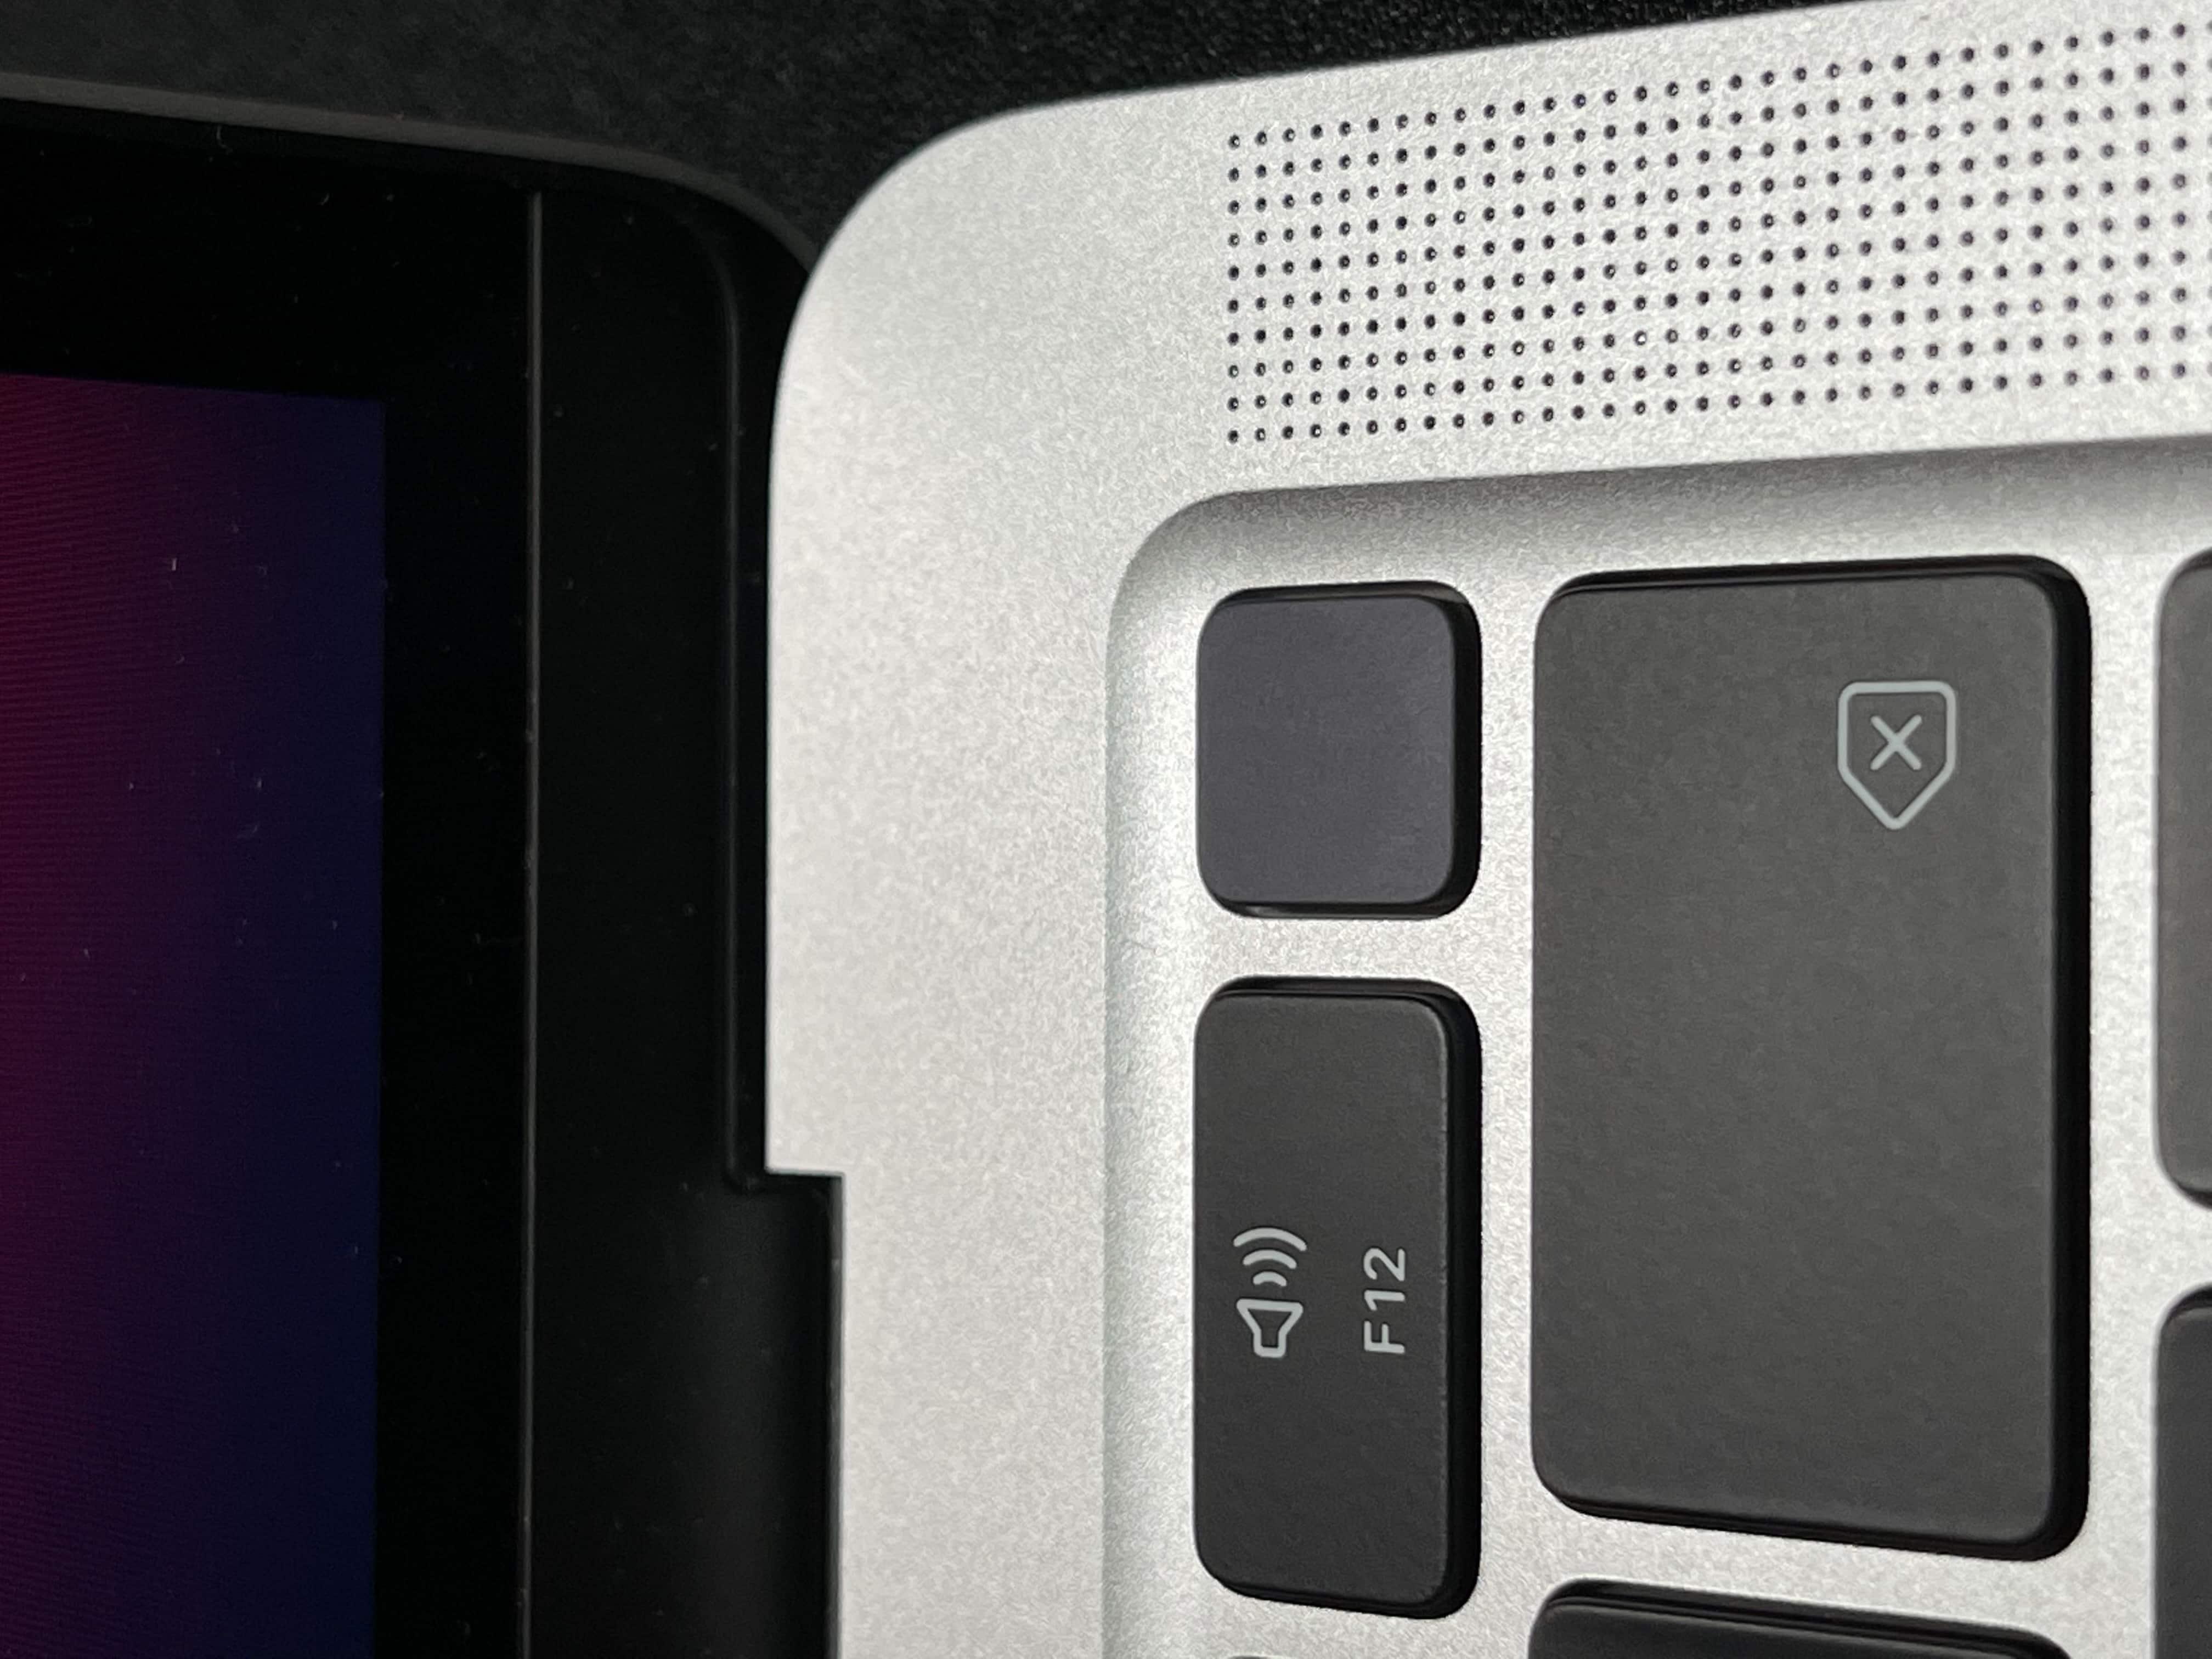 開箱評測 2020 Macbook Air M1 M1 CPU的暴力美學 無風扇設計超安靜 35